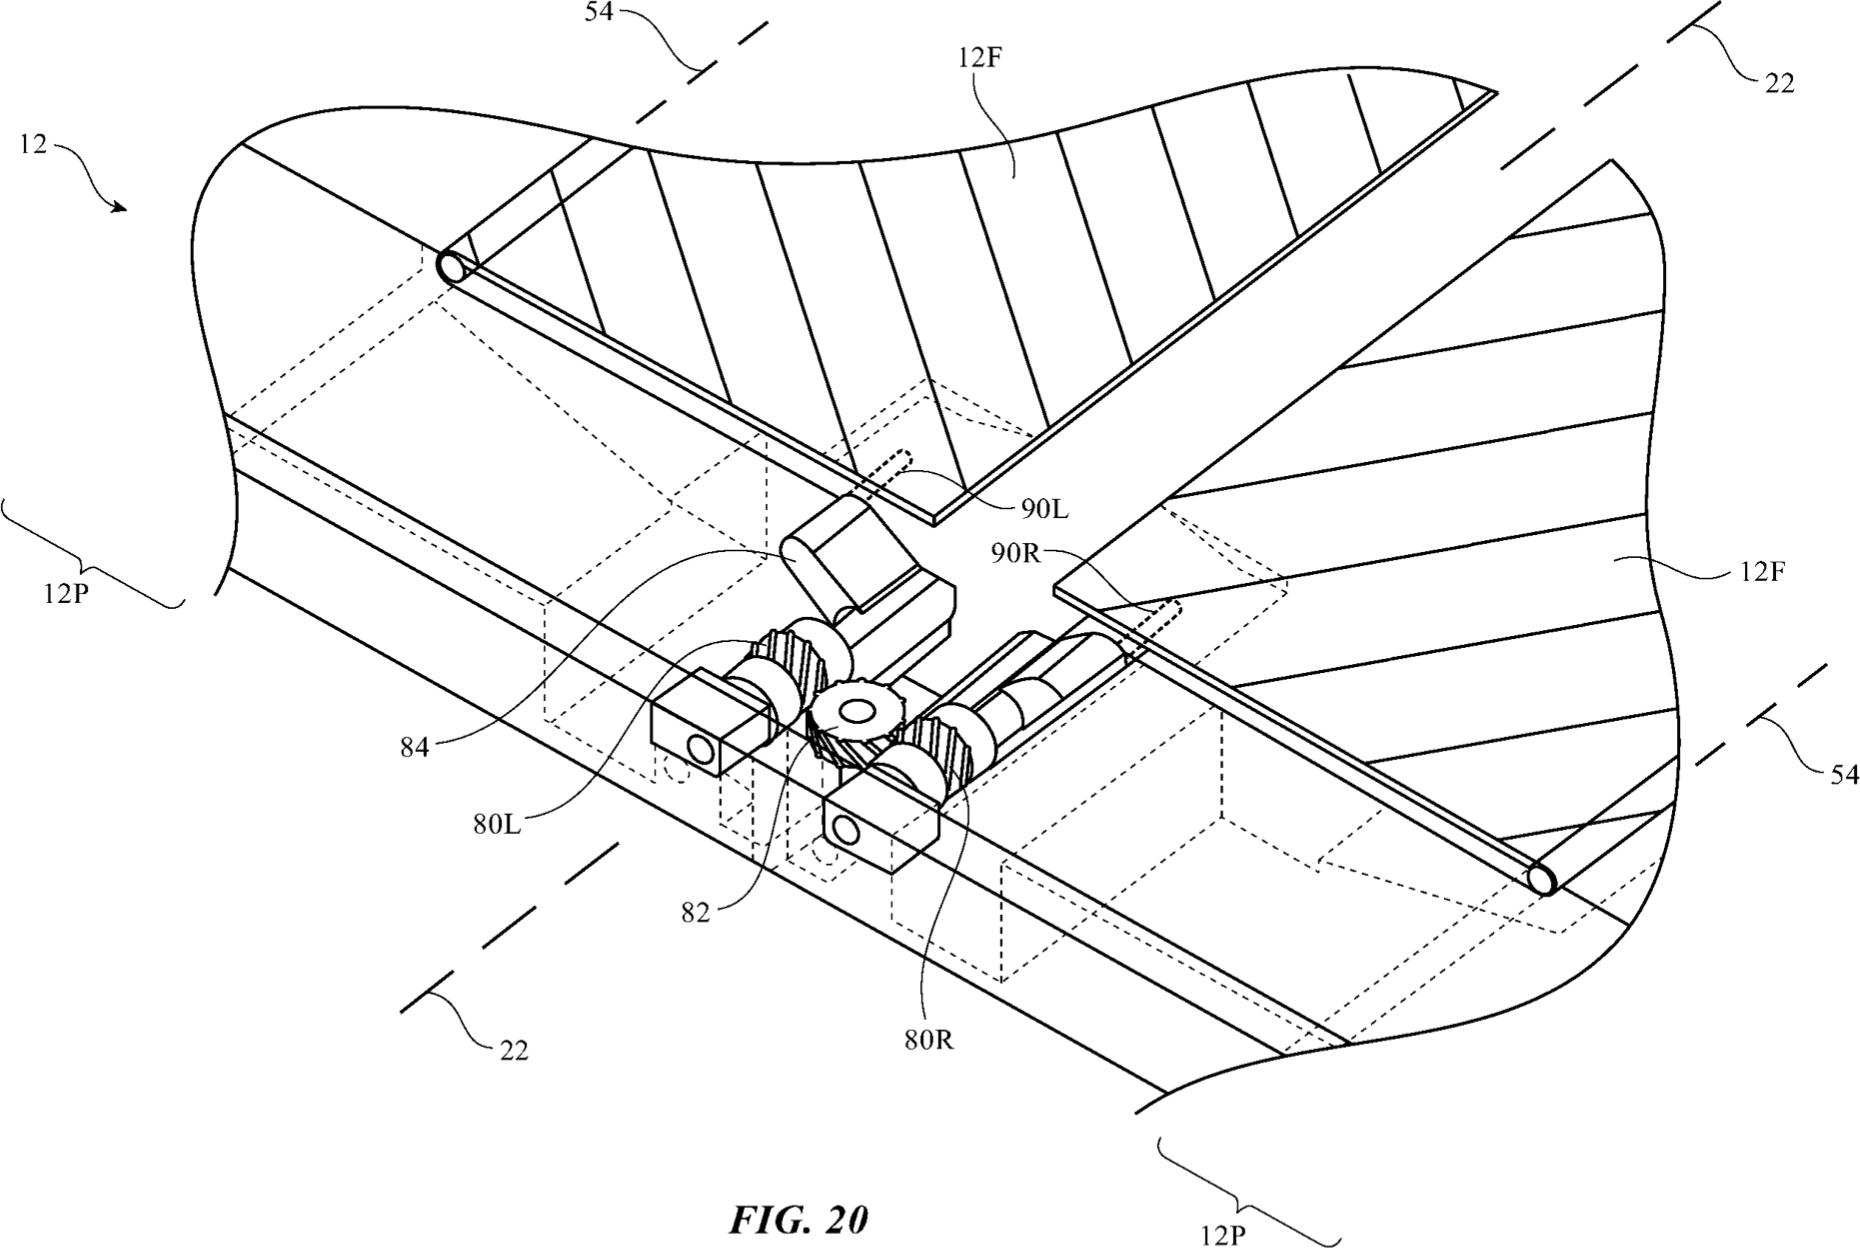 Patente da Apple cobrindo tela dobrável